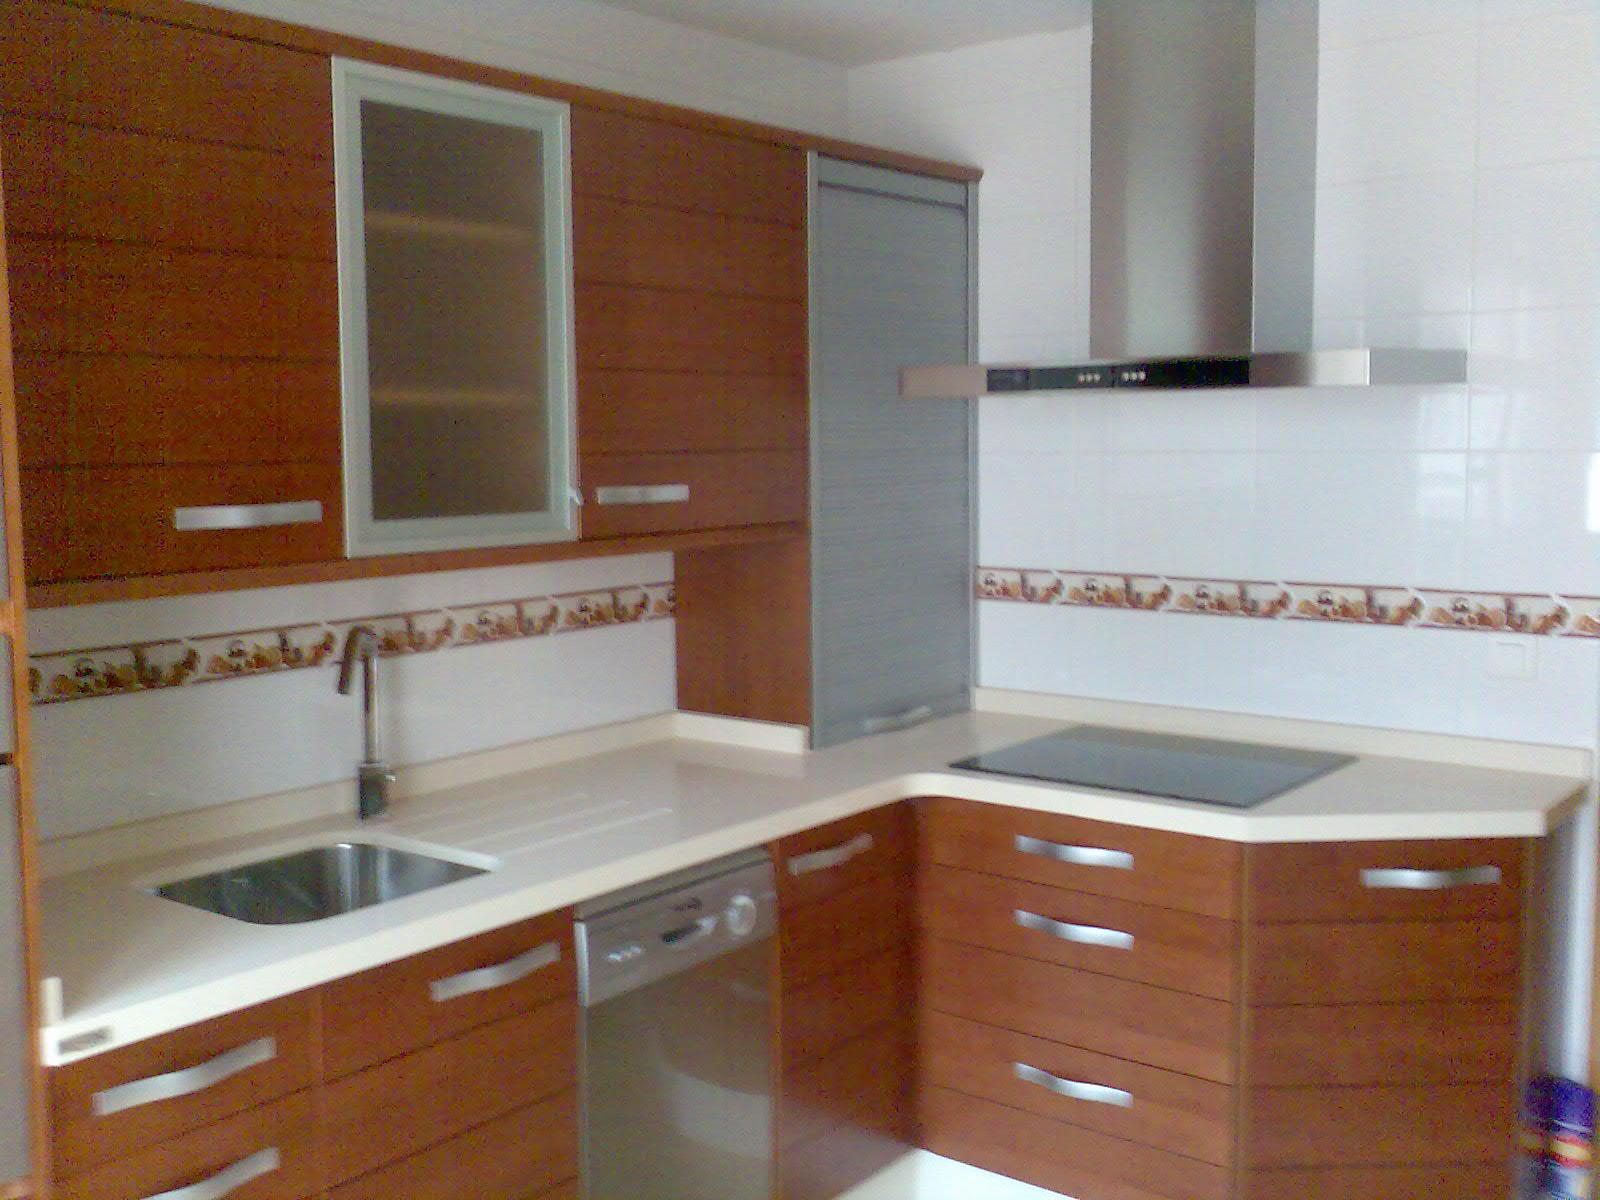 Montajes pacheco dominguez dmp dise o madera for Estructura de cocinas modernas